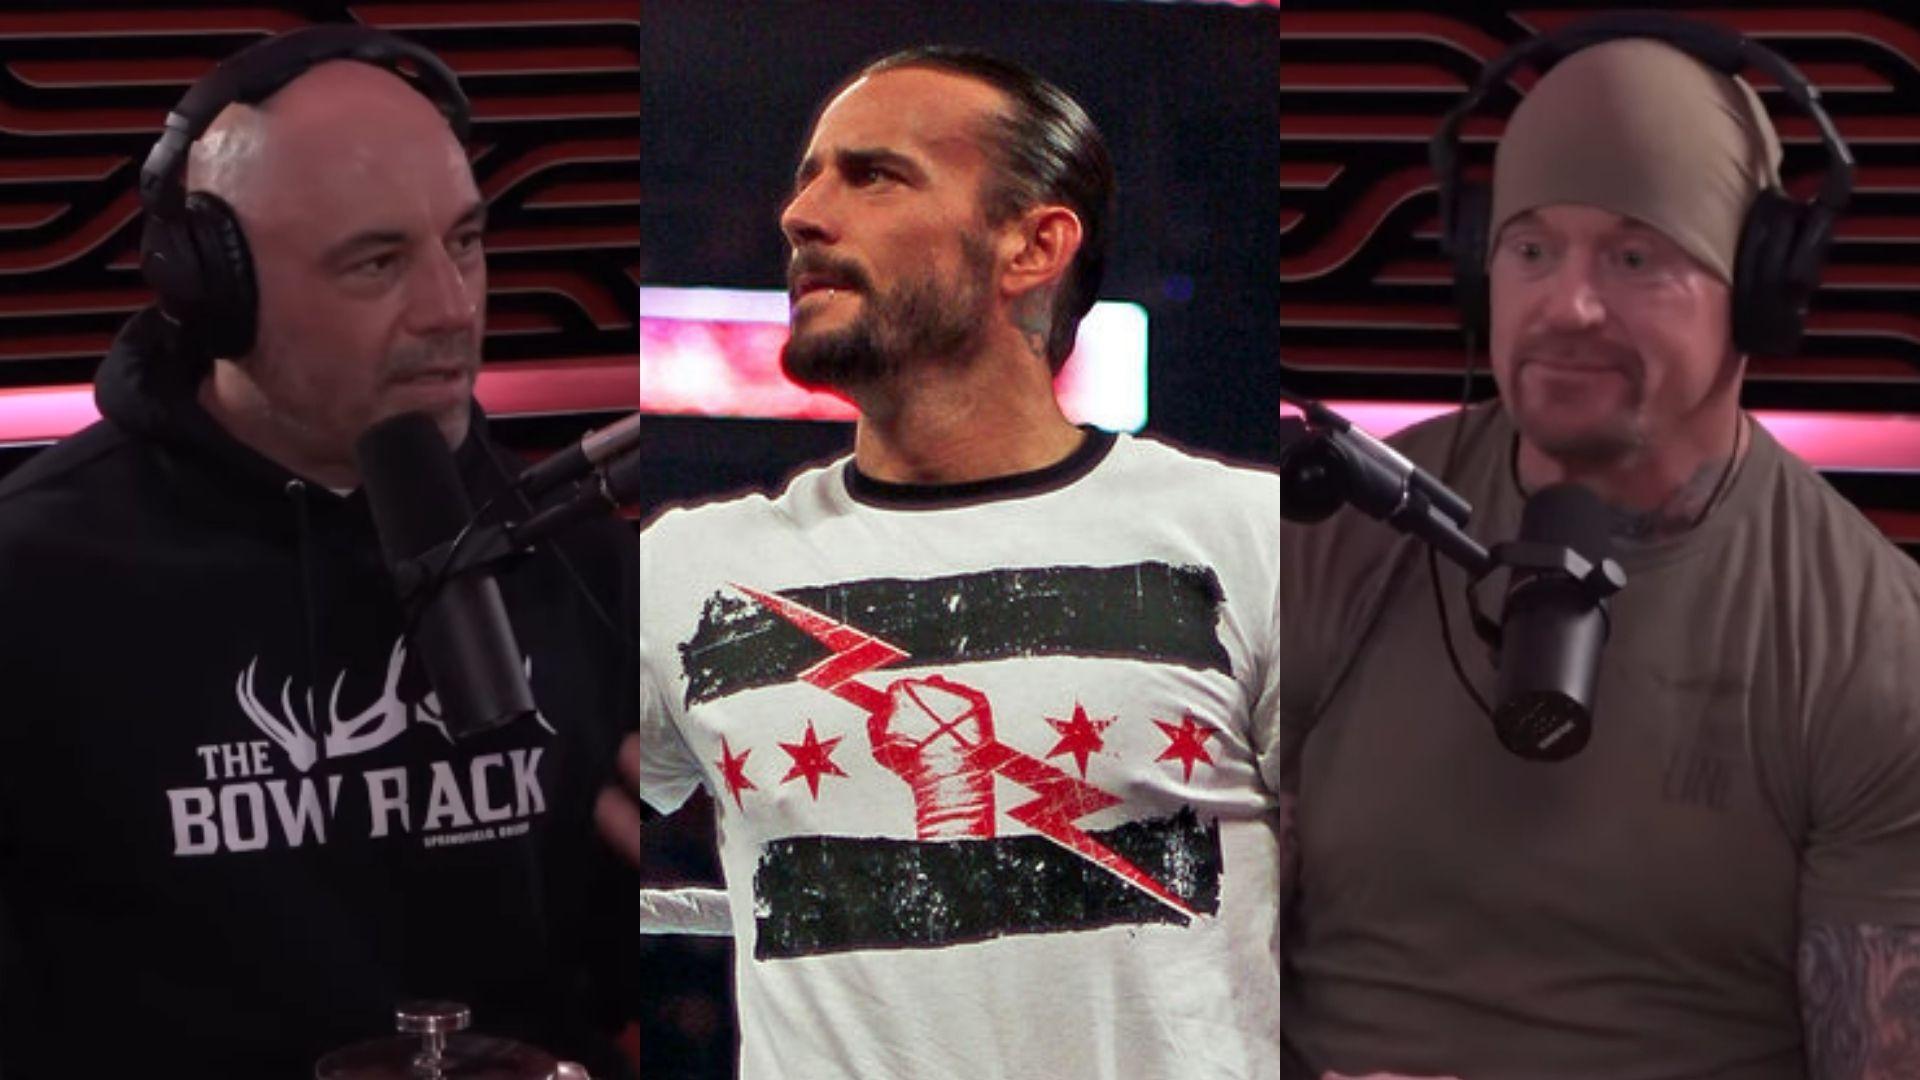 Joe Rogan and Undertaker discuss CM Punk